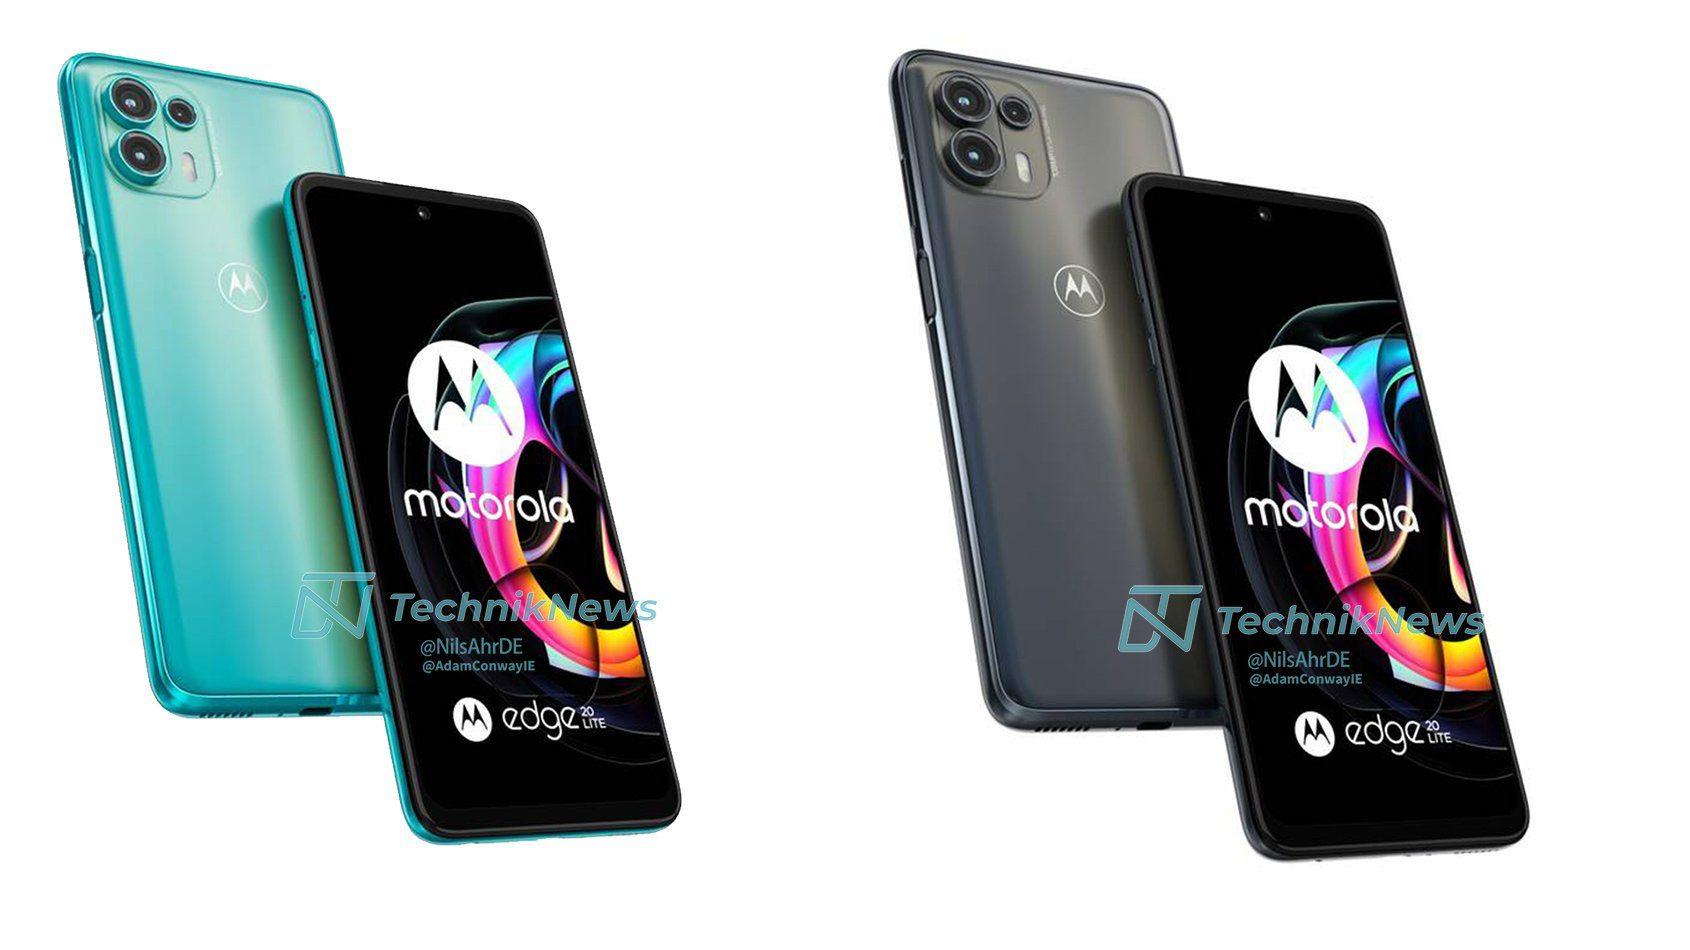 Утечка рендеров, спецификаций и цен Motorola Edge 20, Edge 20 Pro, Edge 20 Lite